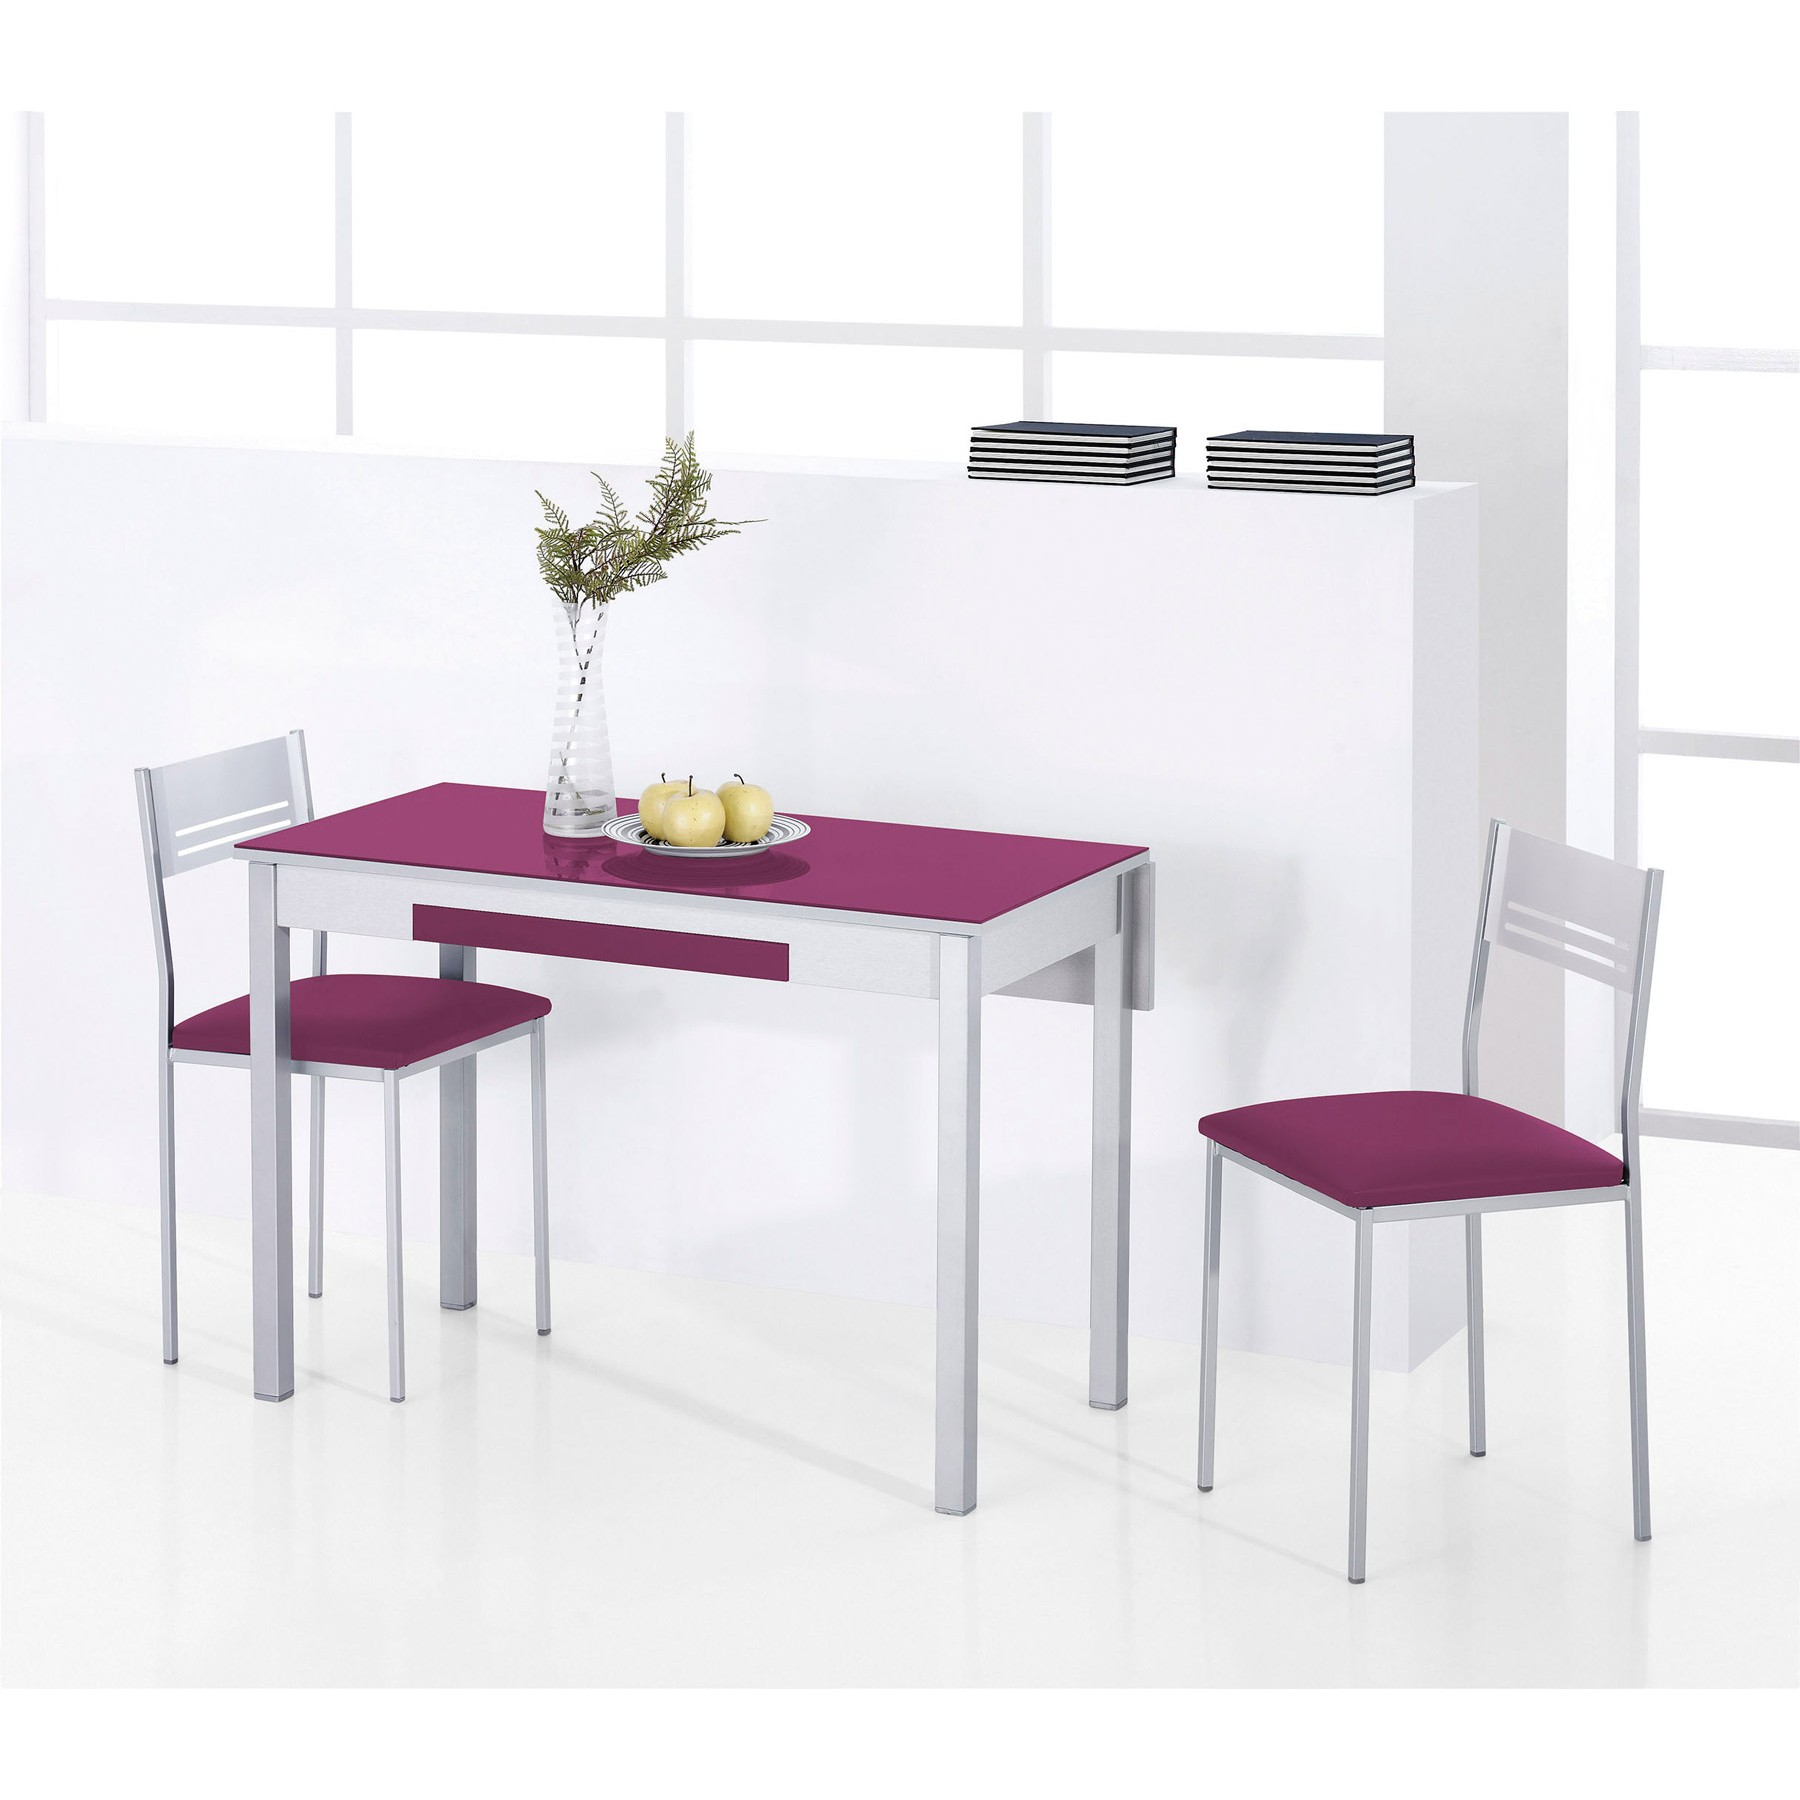 Conjunto mesa cocina y sillas taburete ala extensible - Mesa cocina extensible ...